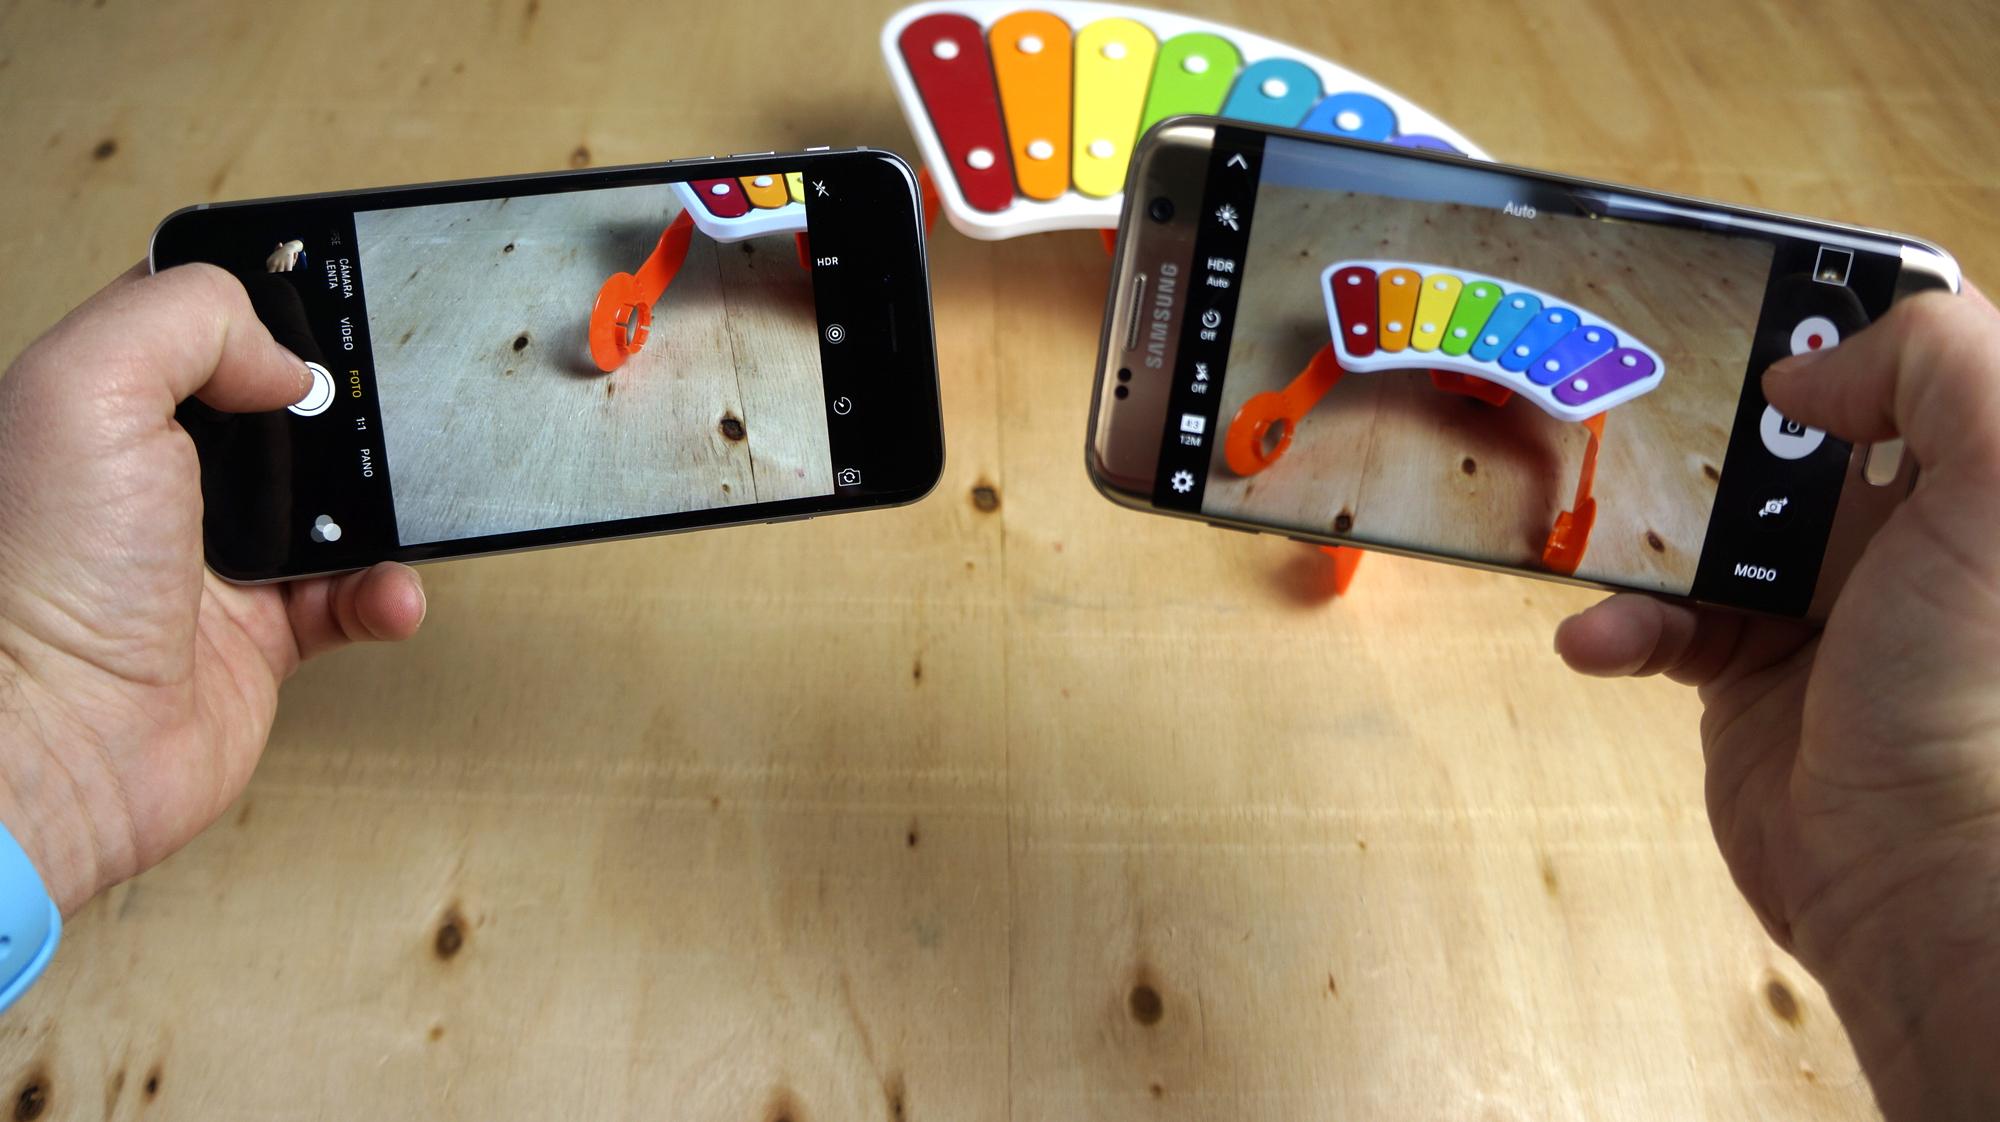 Come fare uno screenshot su un Huawei Y210, Y360 e G610 5